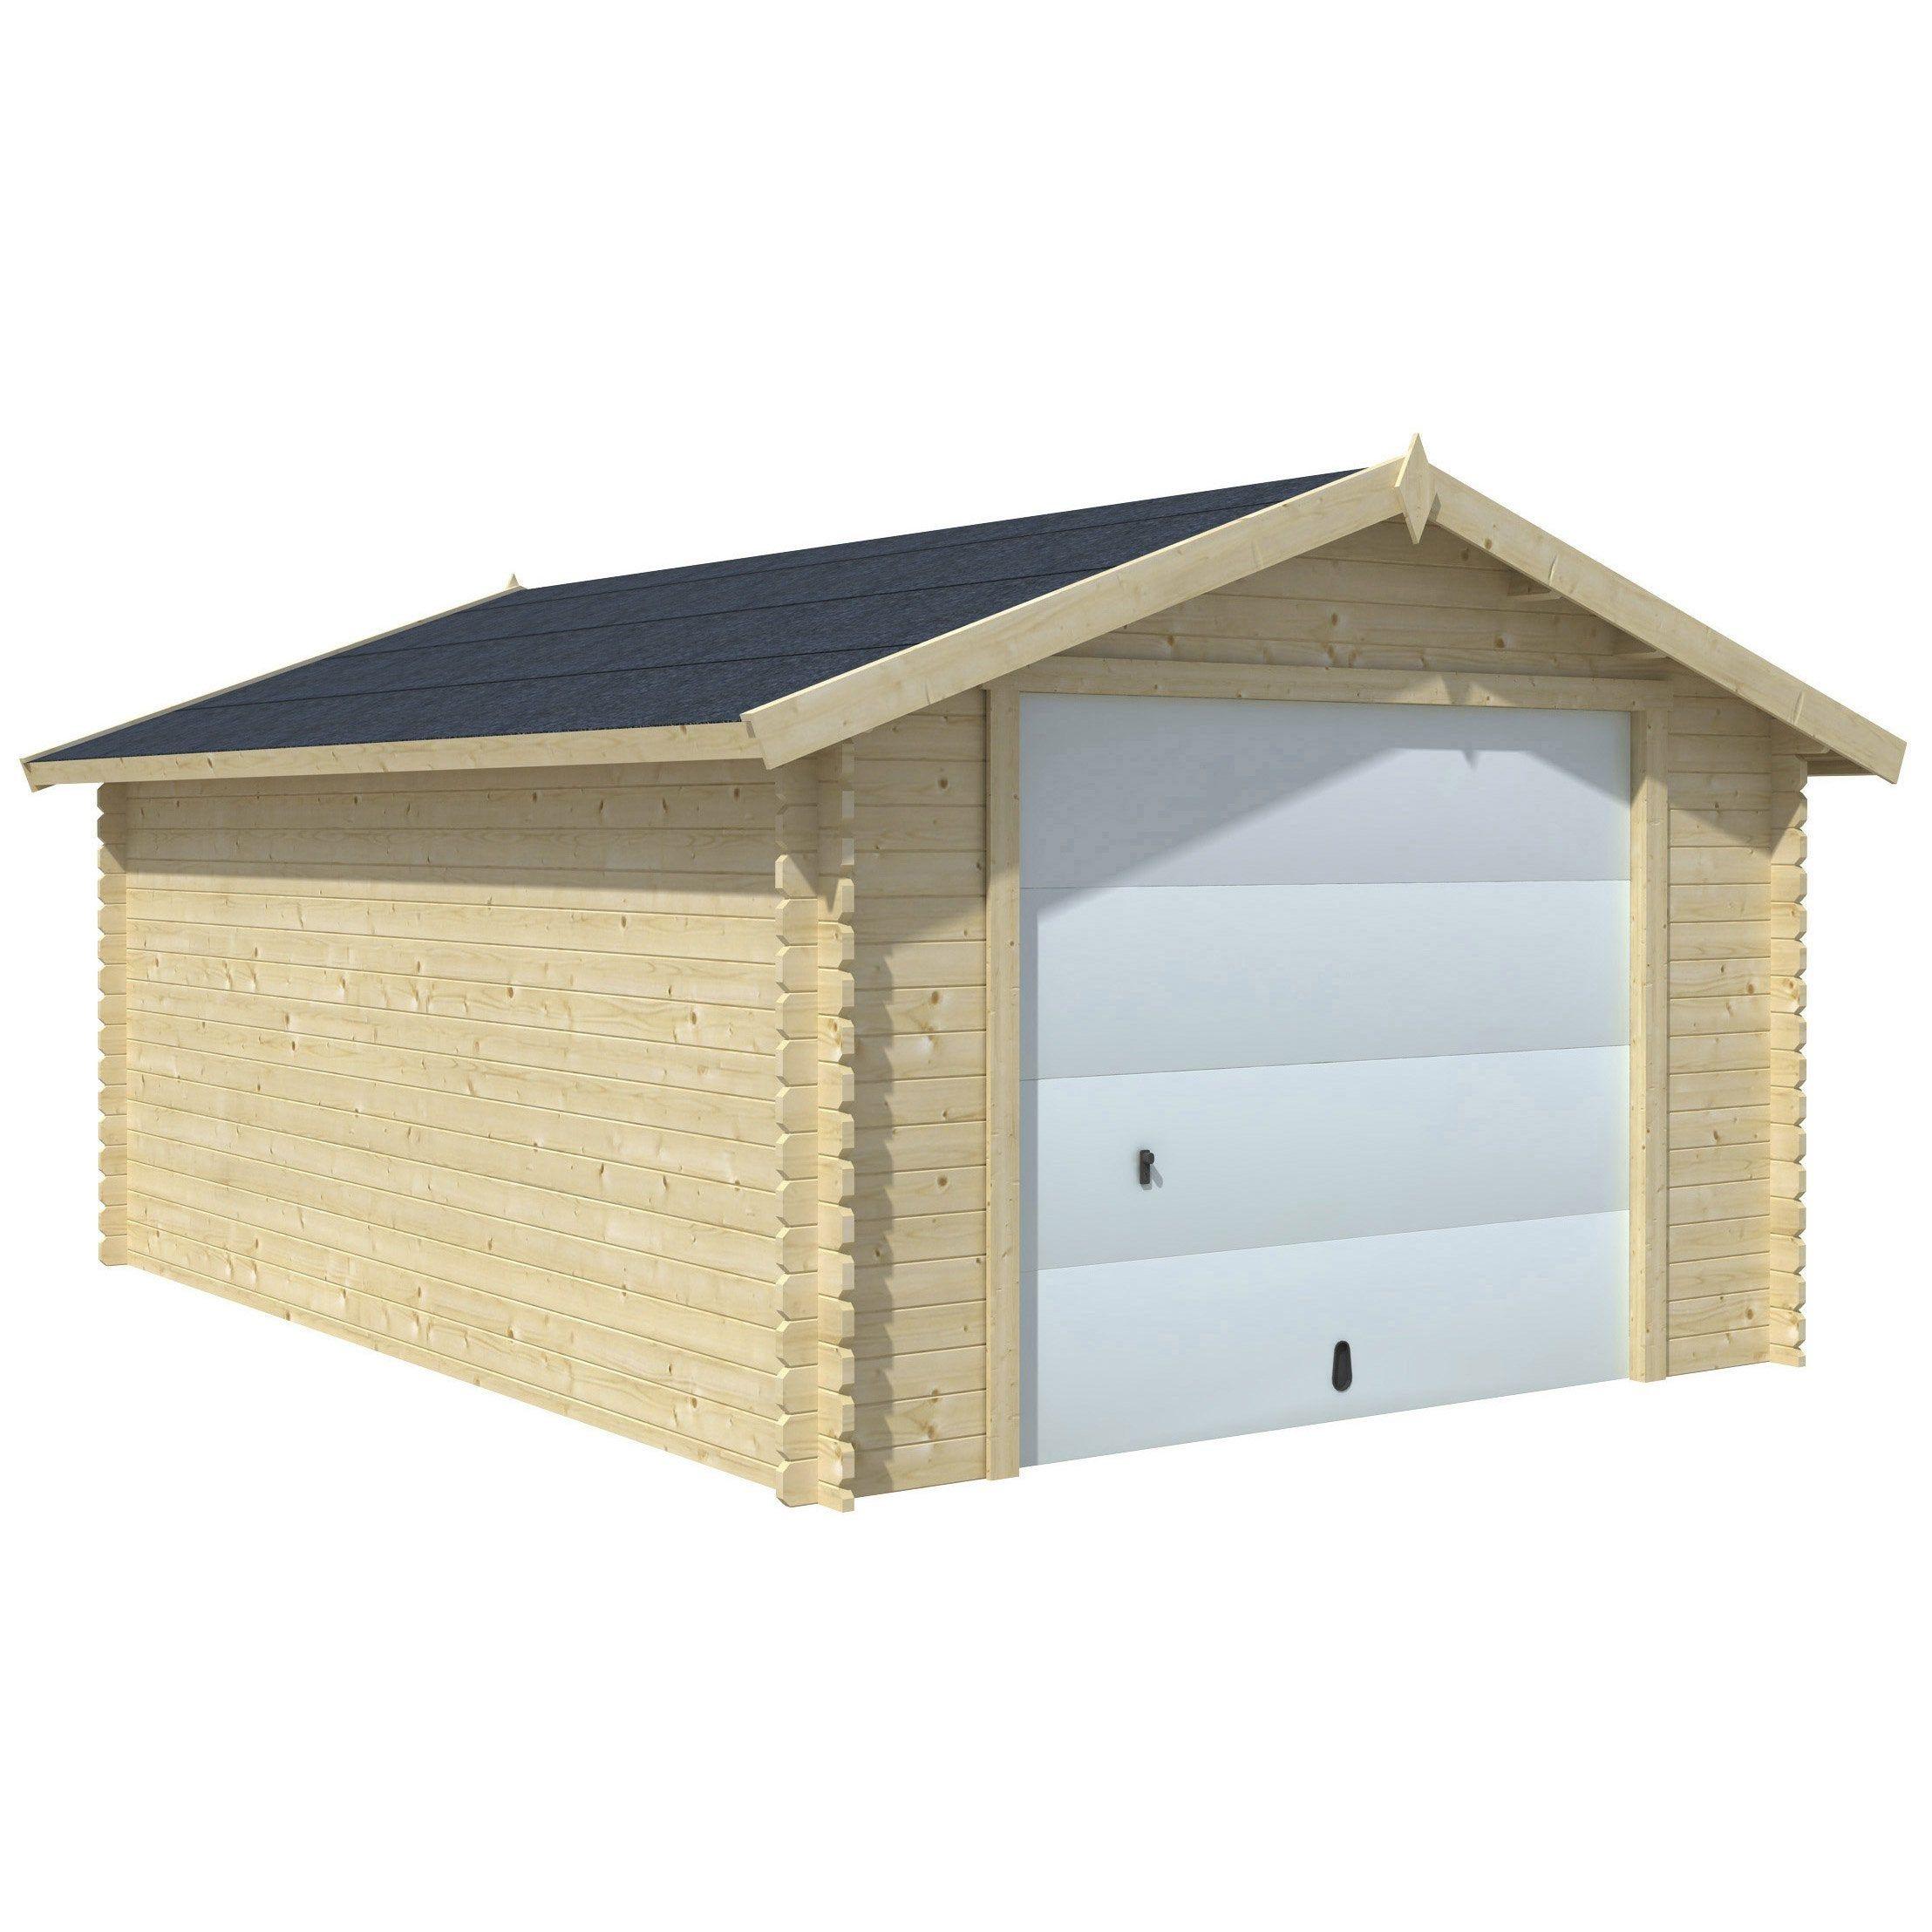 Garage Bois Nova 1 Voiture, 16.91 M² So Garden | Abri De ... destiné Abri De Jardin 18M2